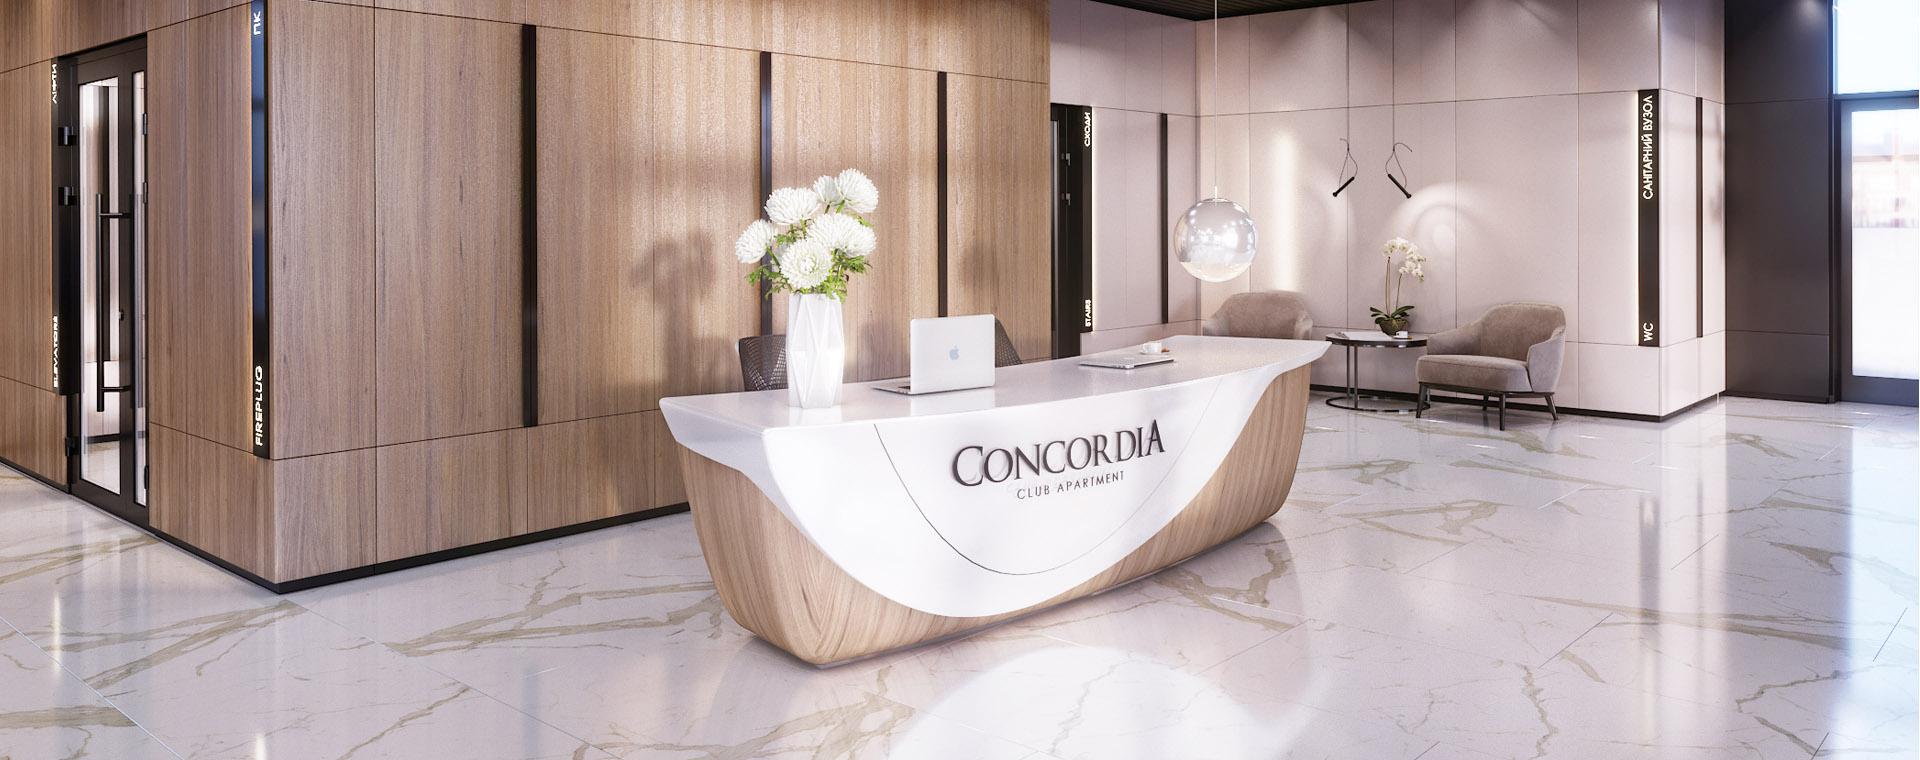 Concordia клубний будинок